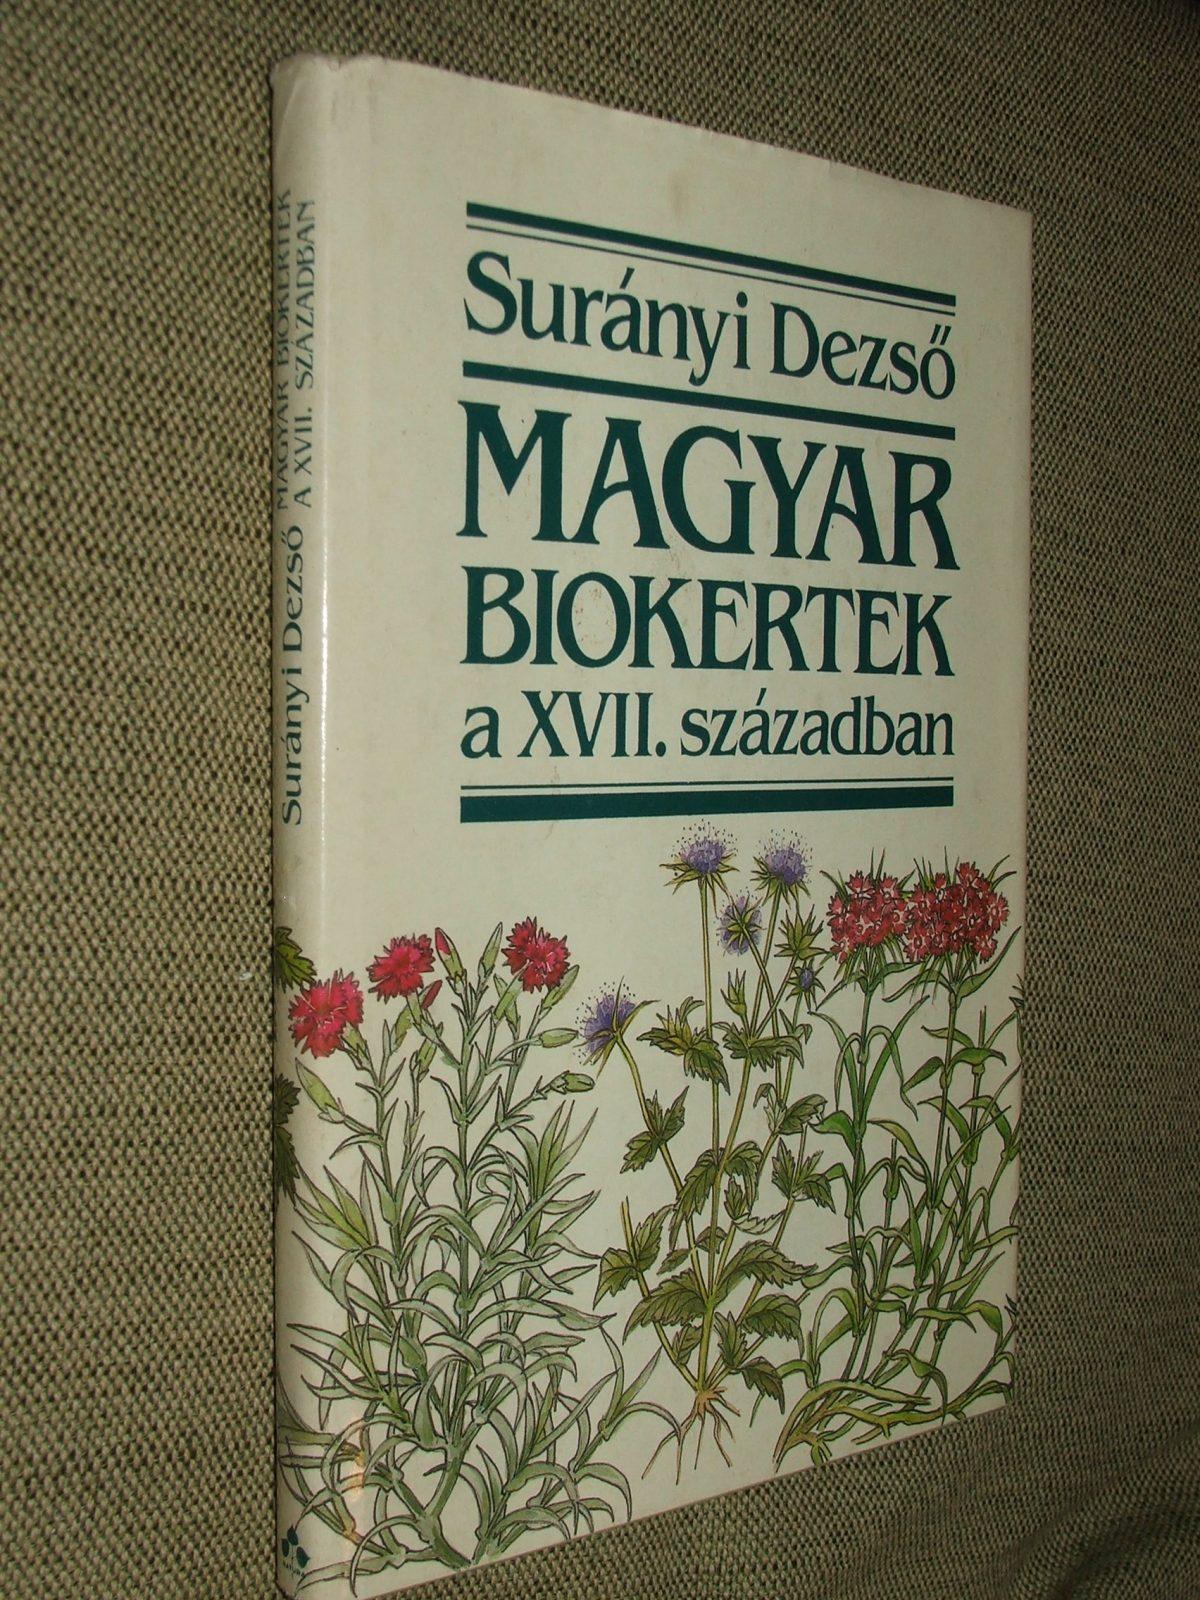 SURÁNYI Dezső: Magyar biokertek a XVII. században